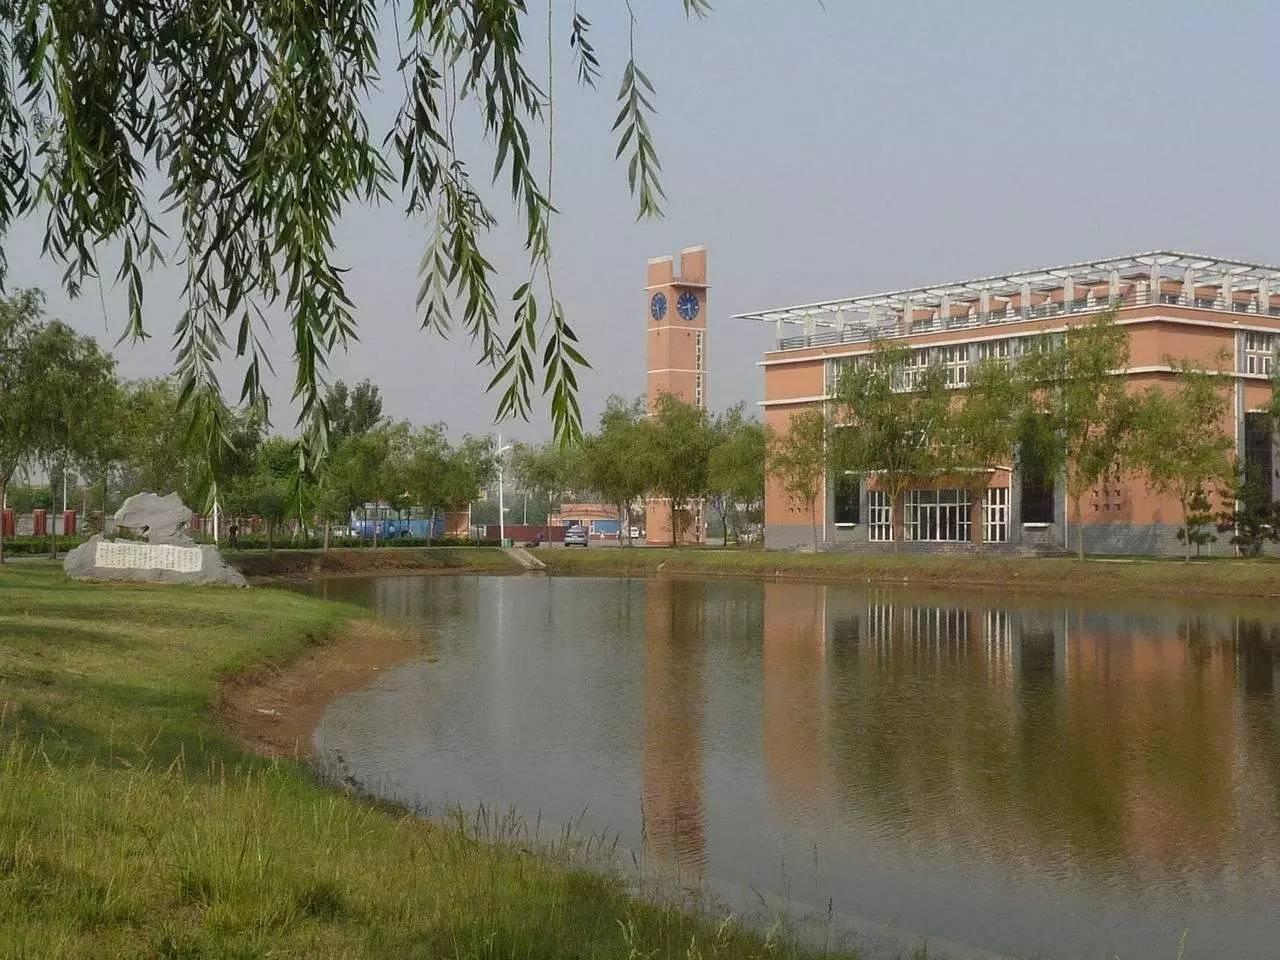 淇滨中学坐落在河南省鹤壁市淇滨区淮河路南,是一所河南省优秀初中